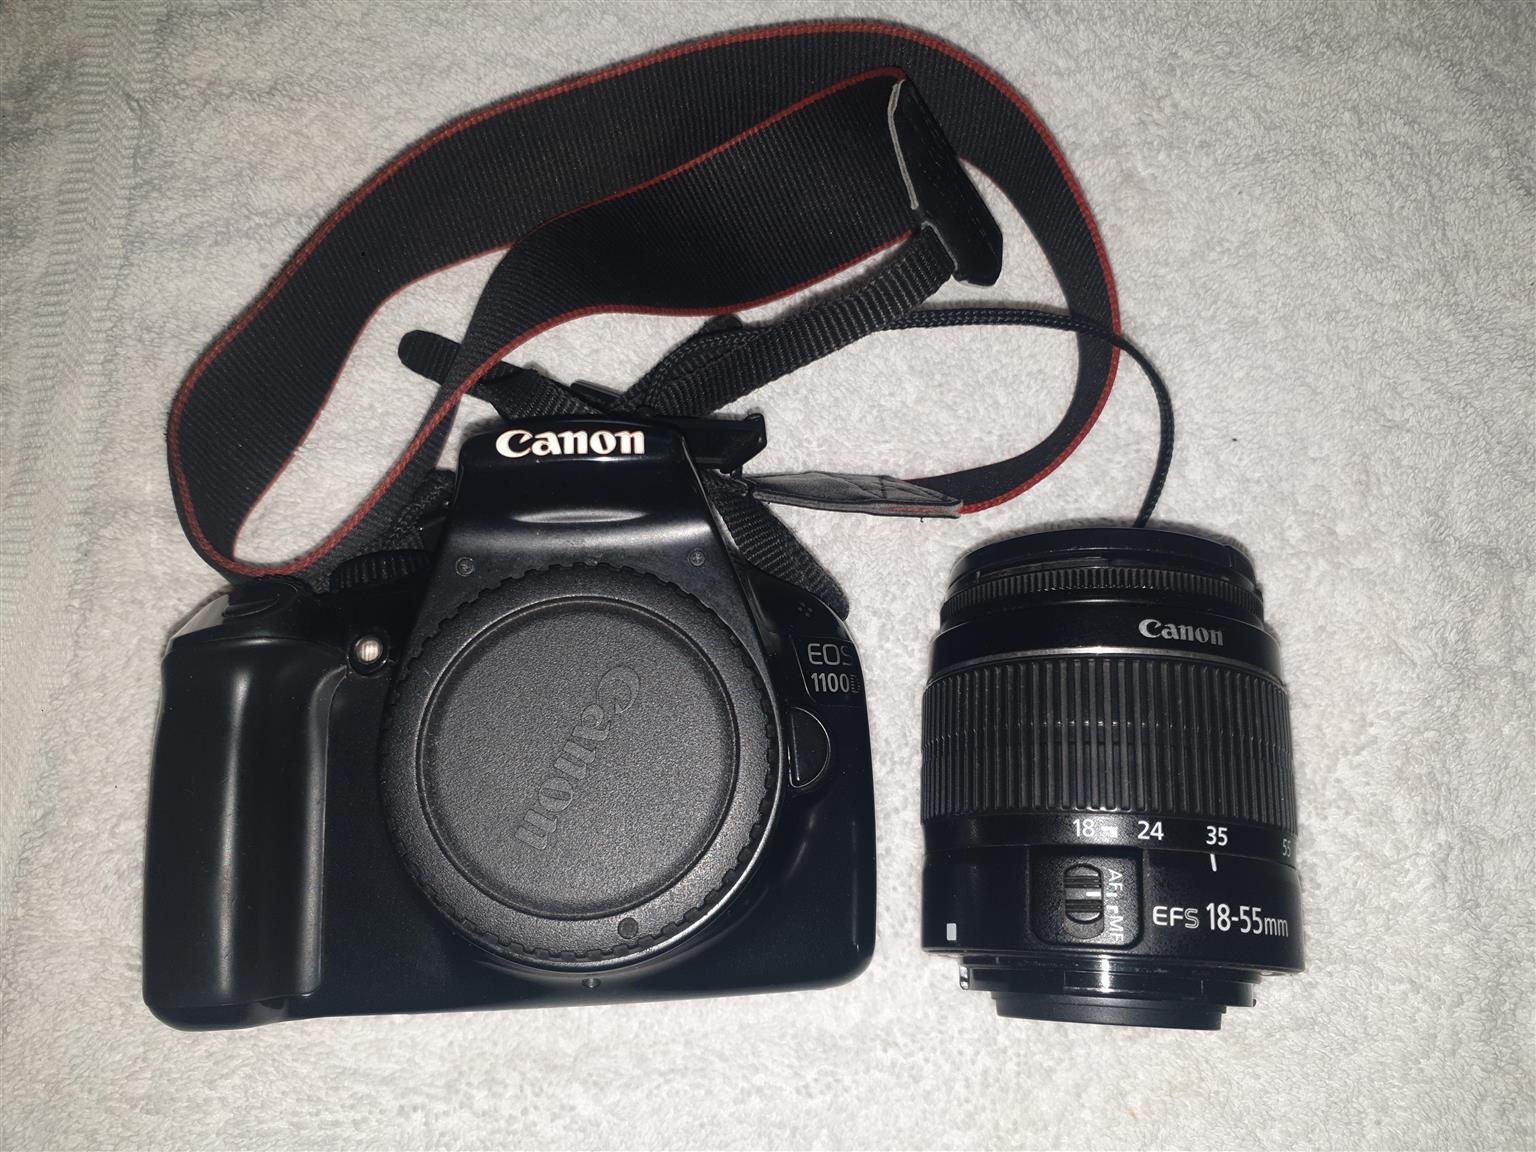 Camera D1100